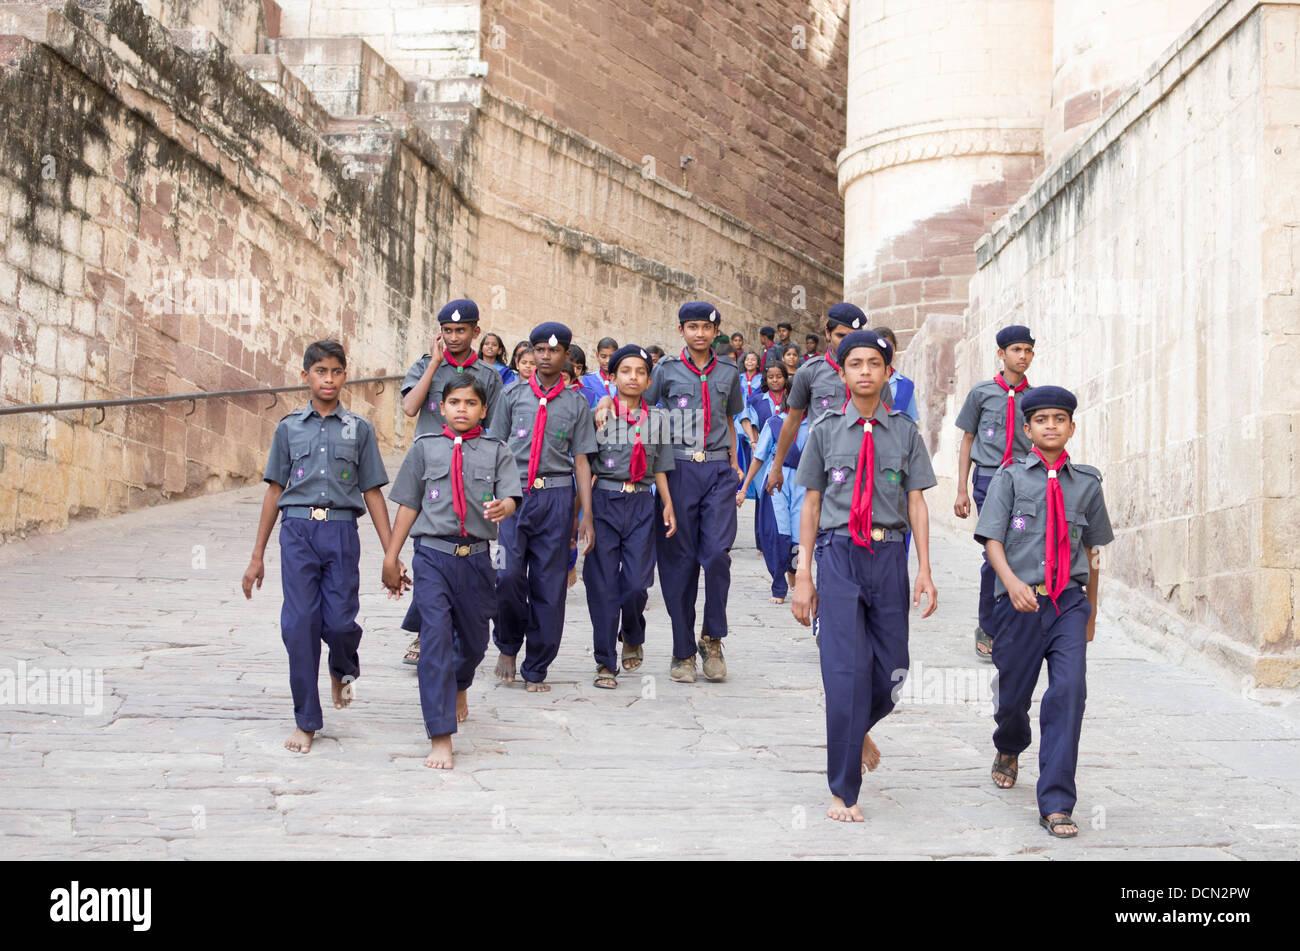 Indian Boy Scouts visiting Meherangarh Fort - Jodhpur, Rajashtan, India - Stock Image